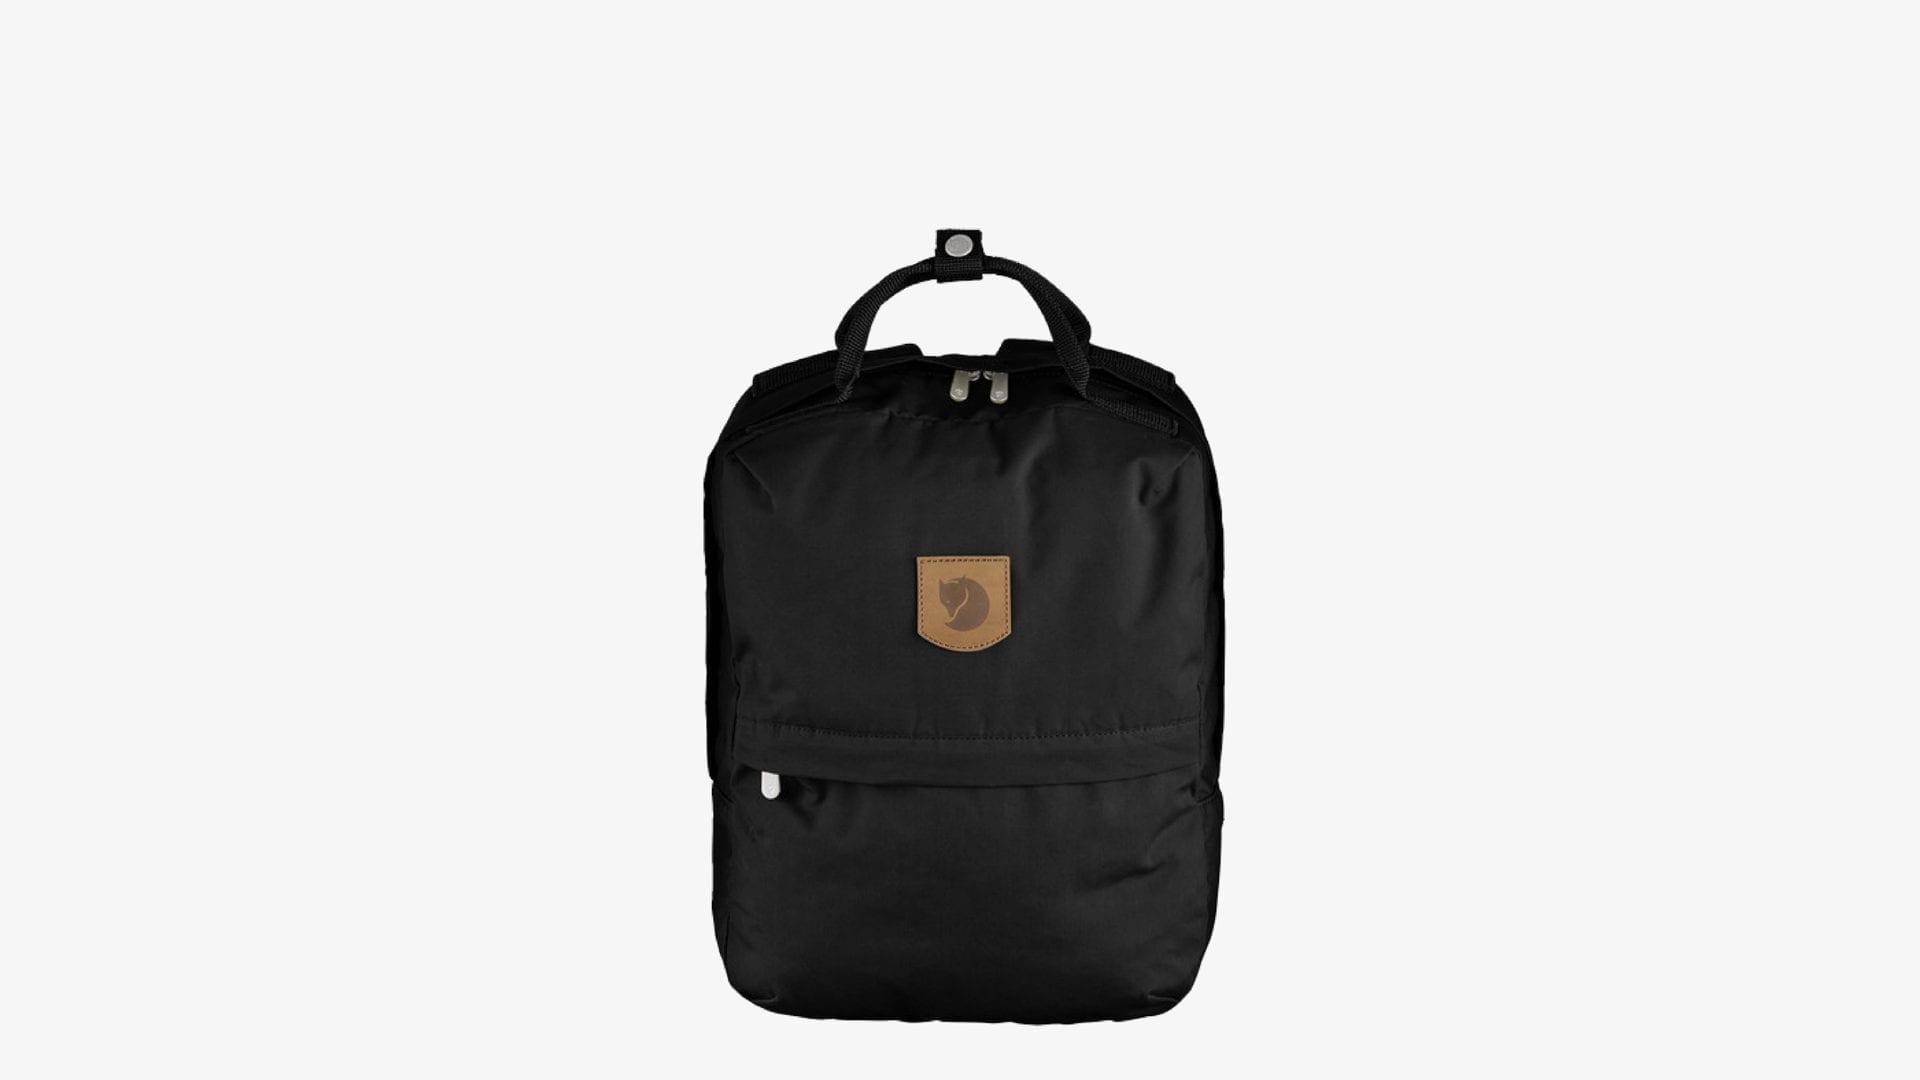 Backpacks Homecamp Fjallraven Kanken No2 Full Black Greenland Zip Large